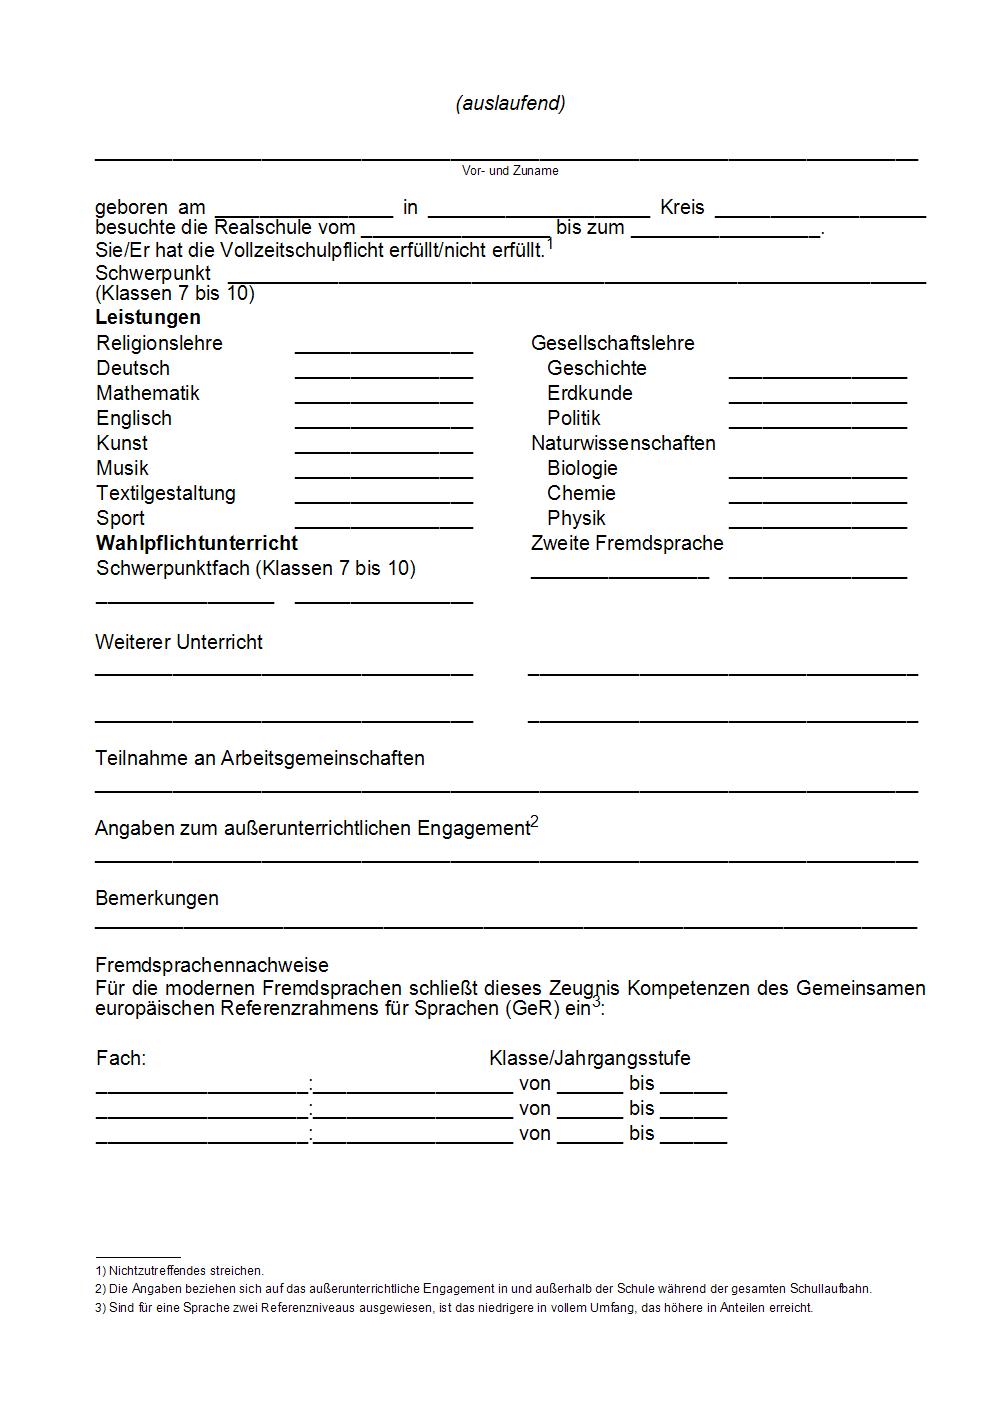 BASS 2019/2020 - 13-21 Nr  1 1 Verordnung über die